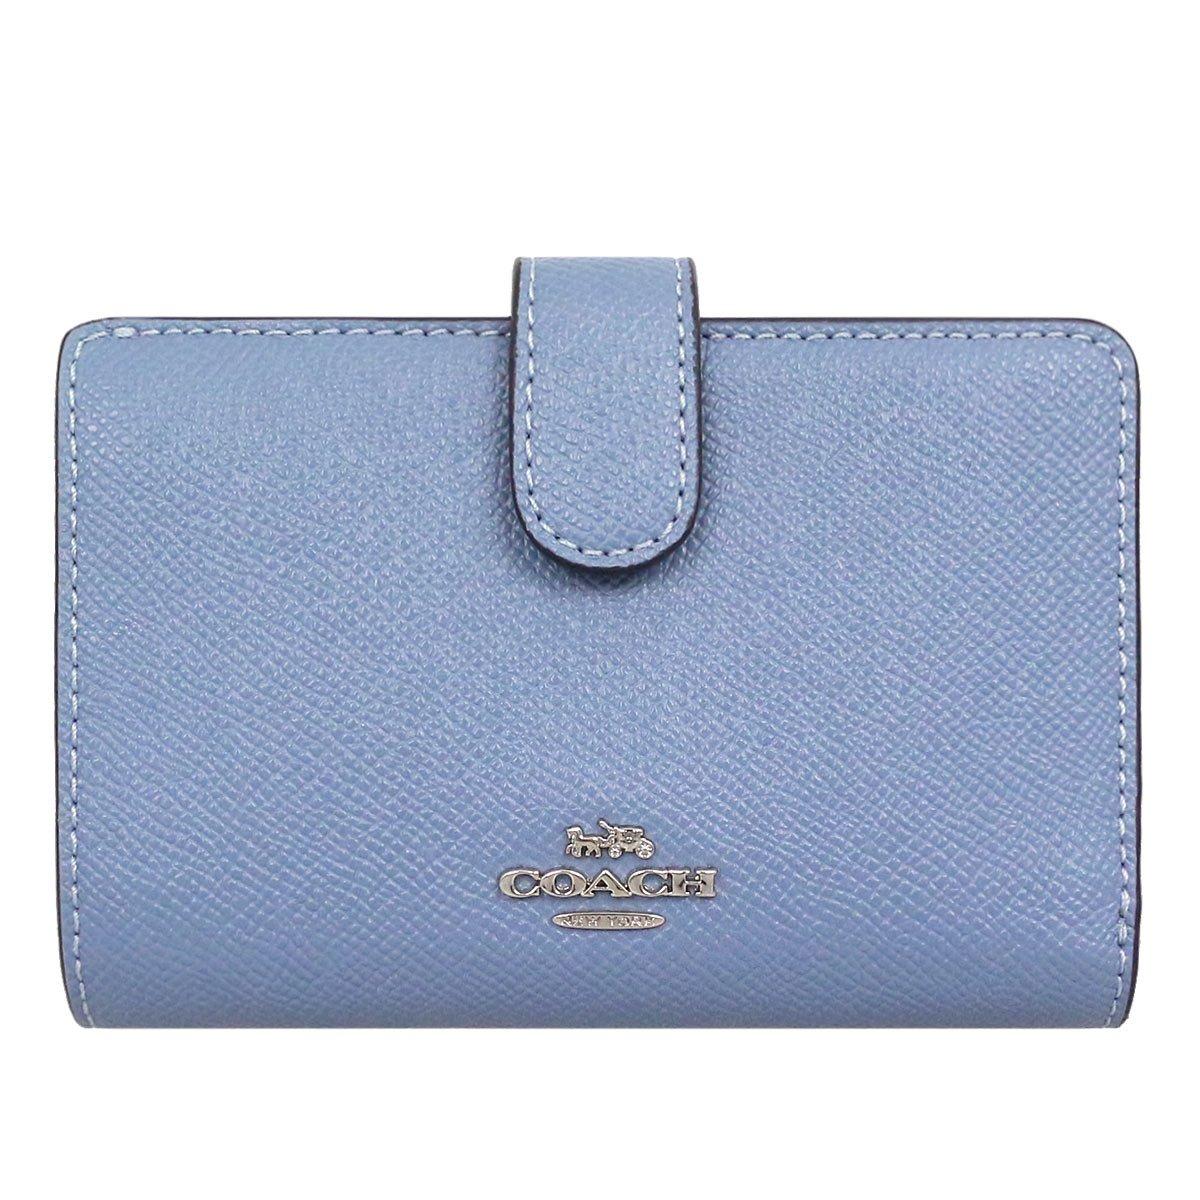 [コーチ] COACH 財布 (二つ折り財布) F11484 レザー 二つ折り財布 レディース [アウトレット品] [並行輸入品] B07CFWQ98M #10 プール #10 プール